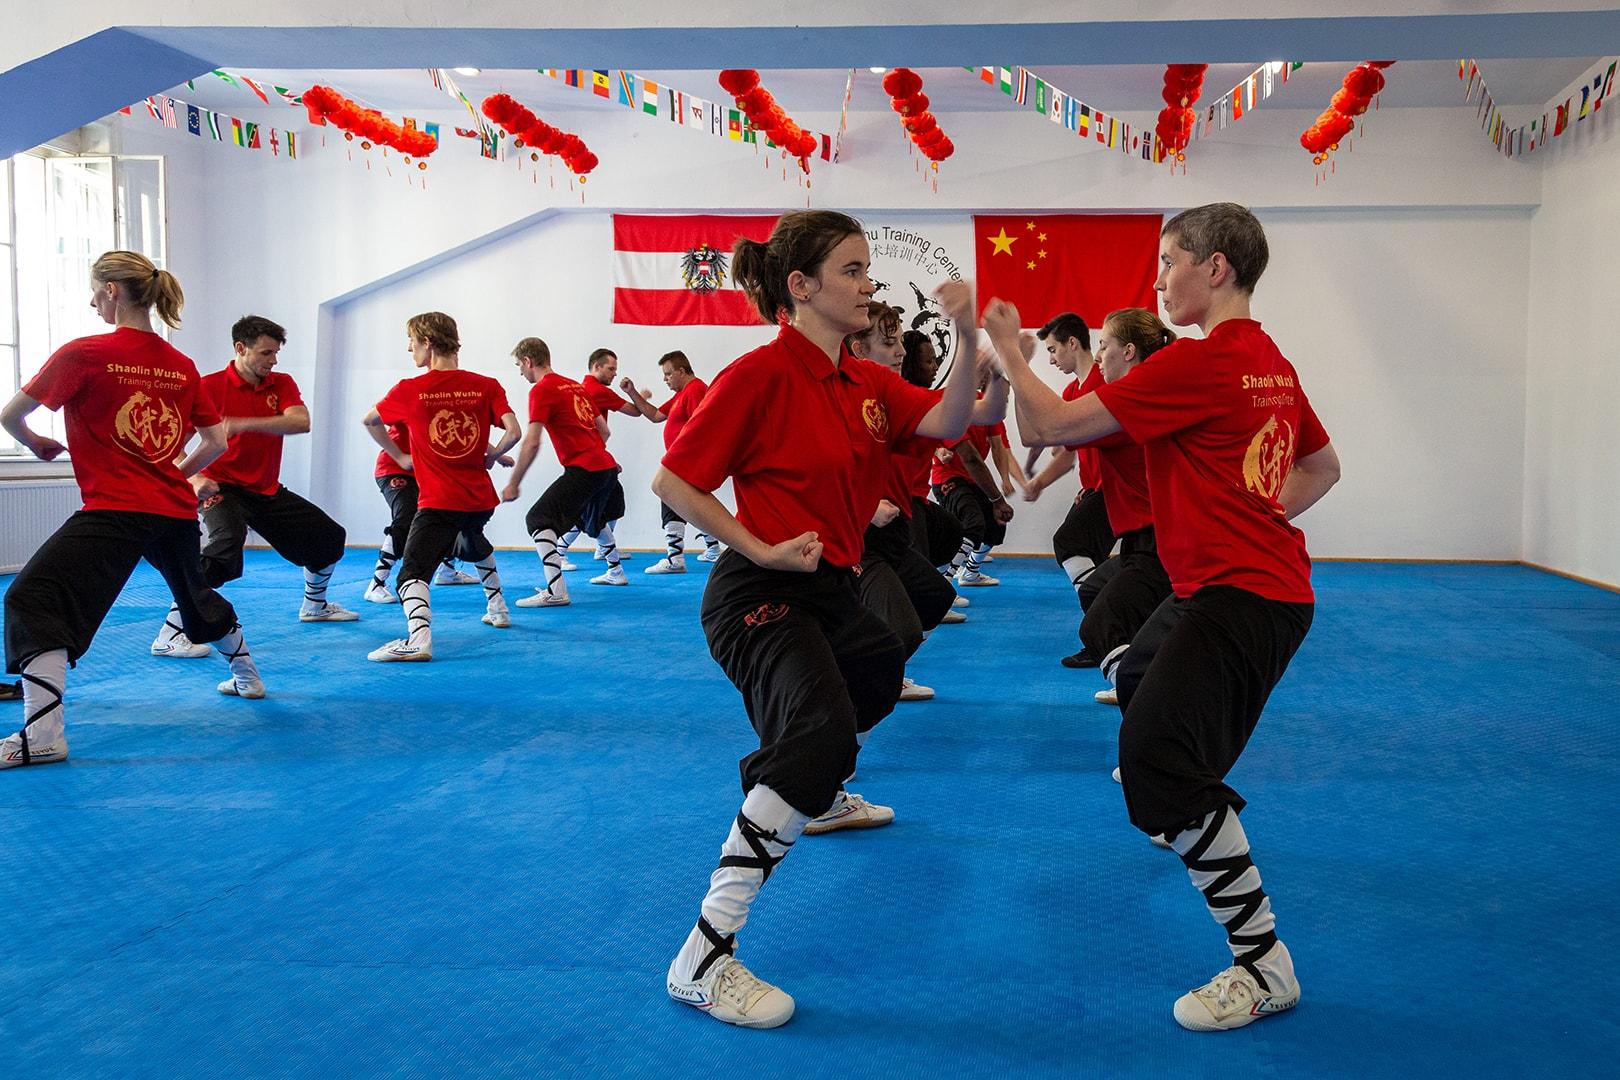 Shaolin-Wushu-Training-Center-Kung-Fu-in-Wien-19